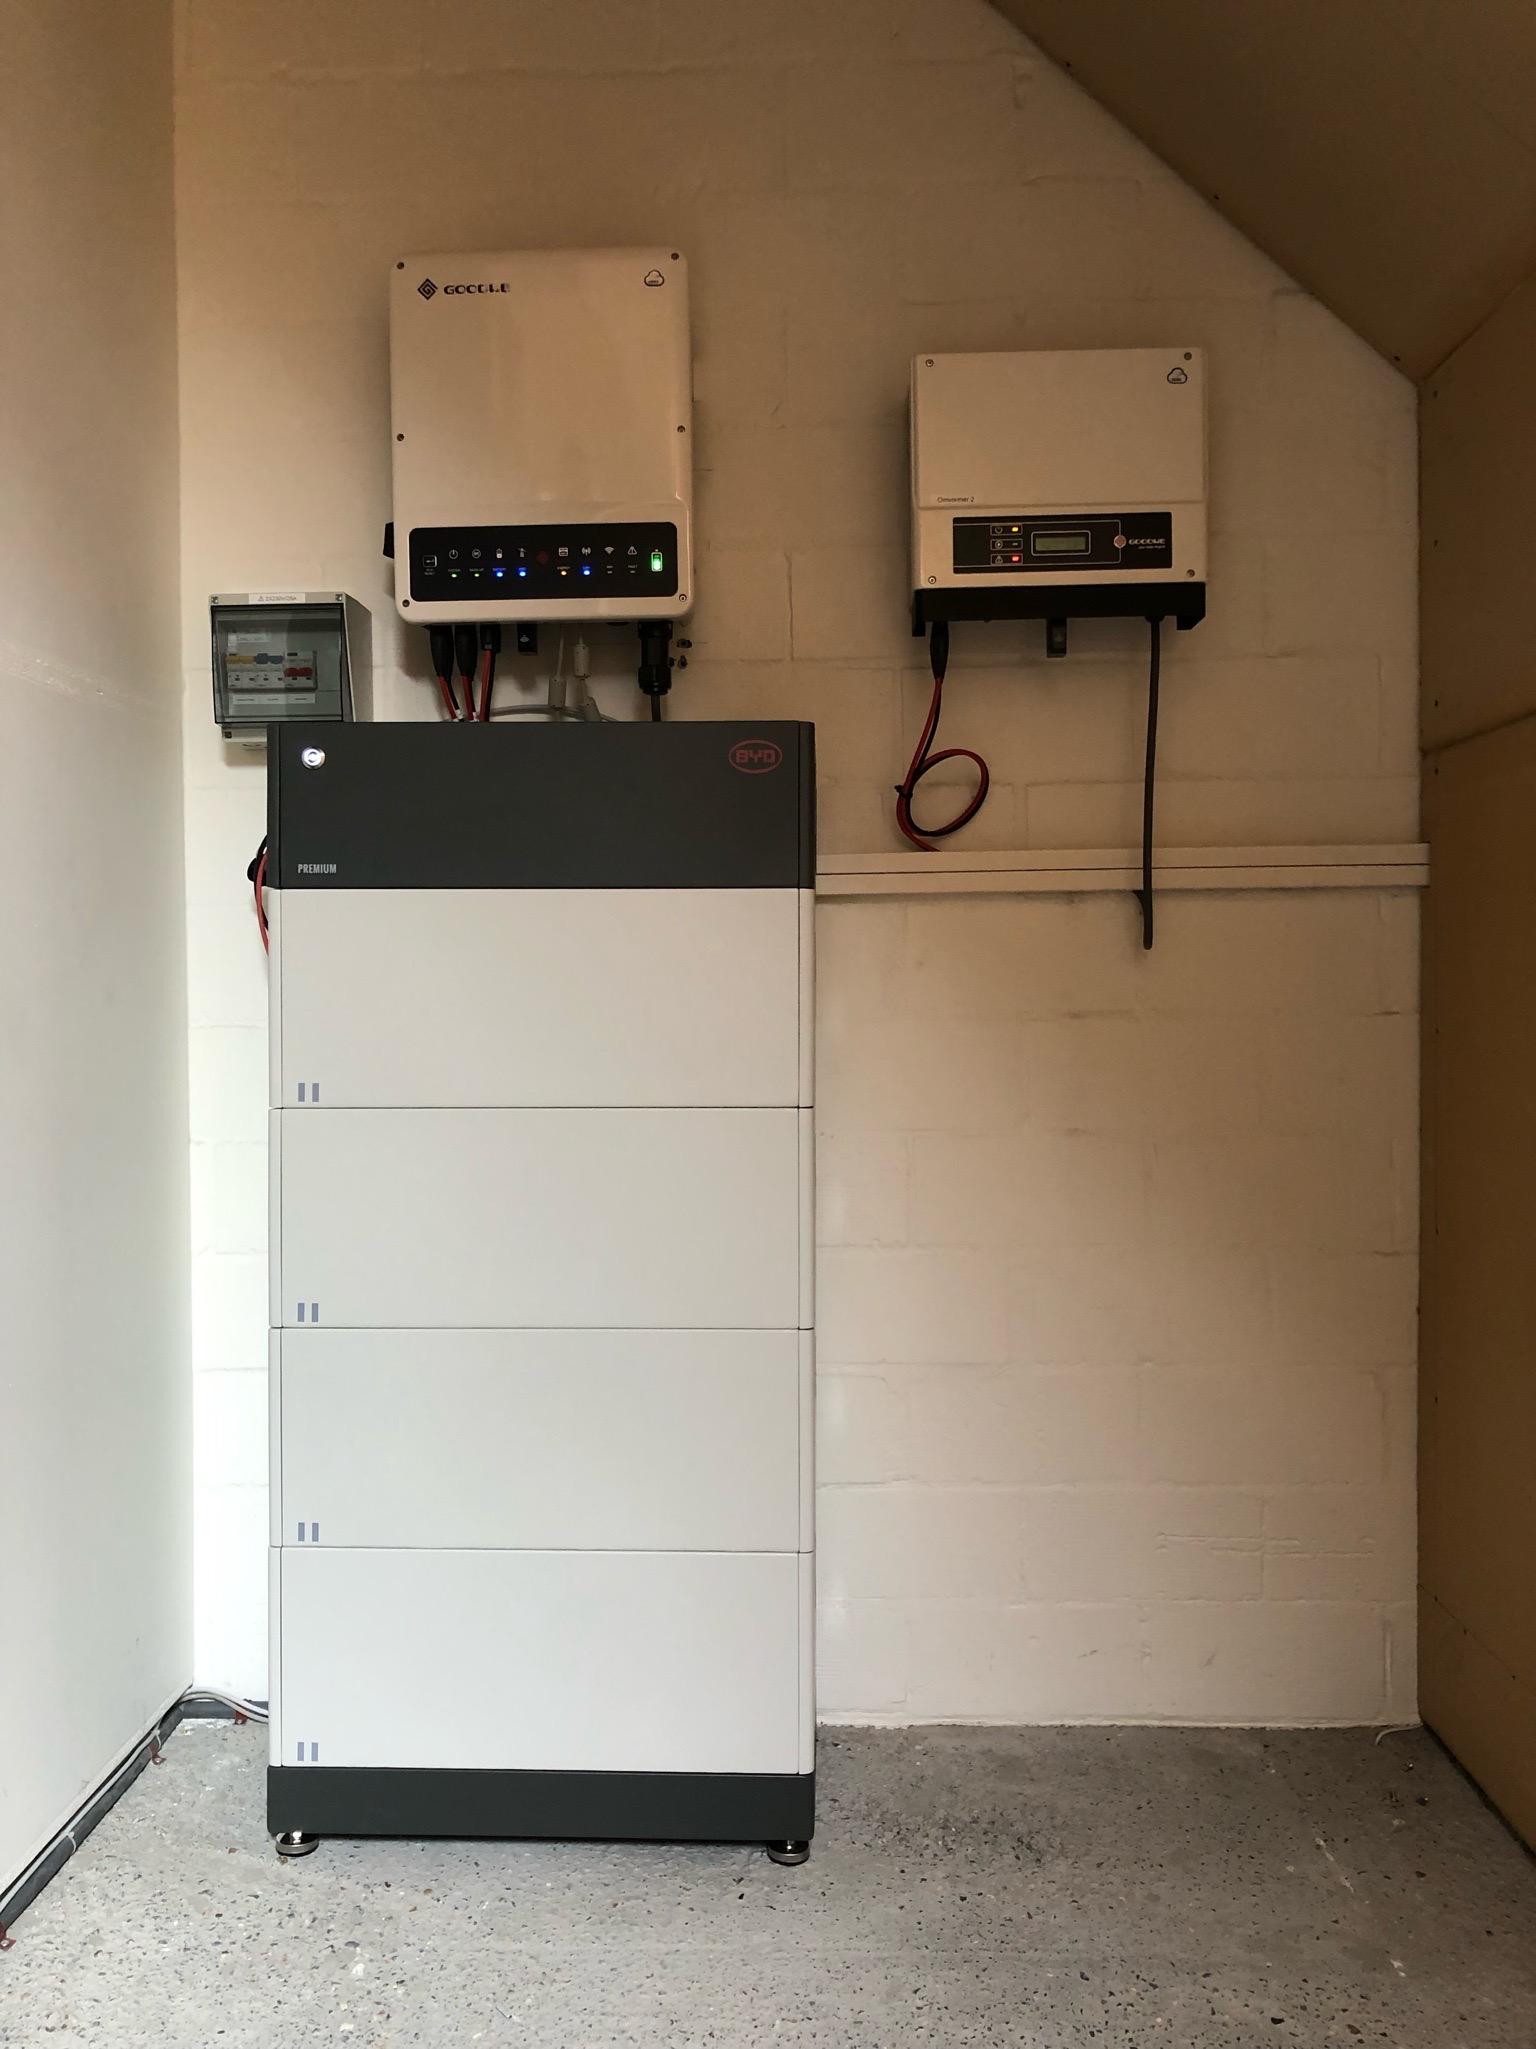 BYD thuisbatterij Oostakker